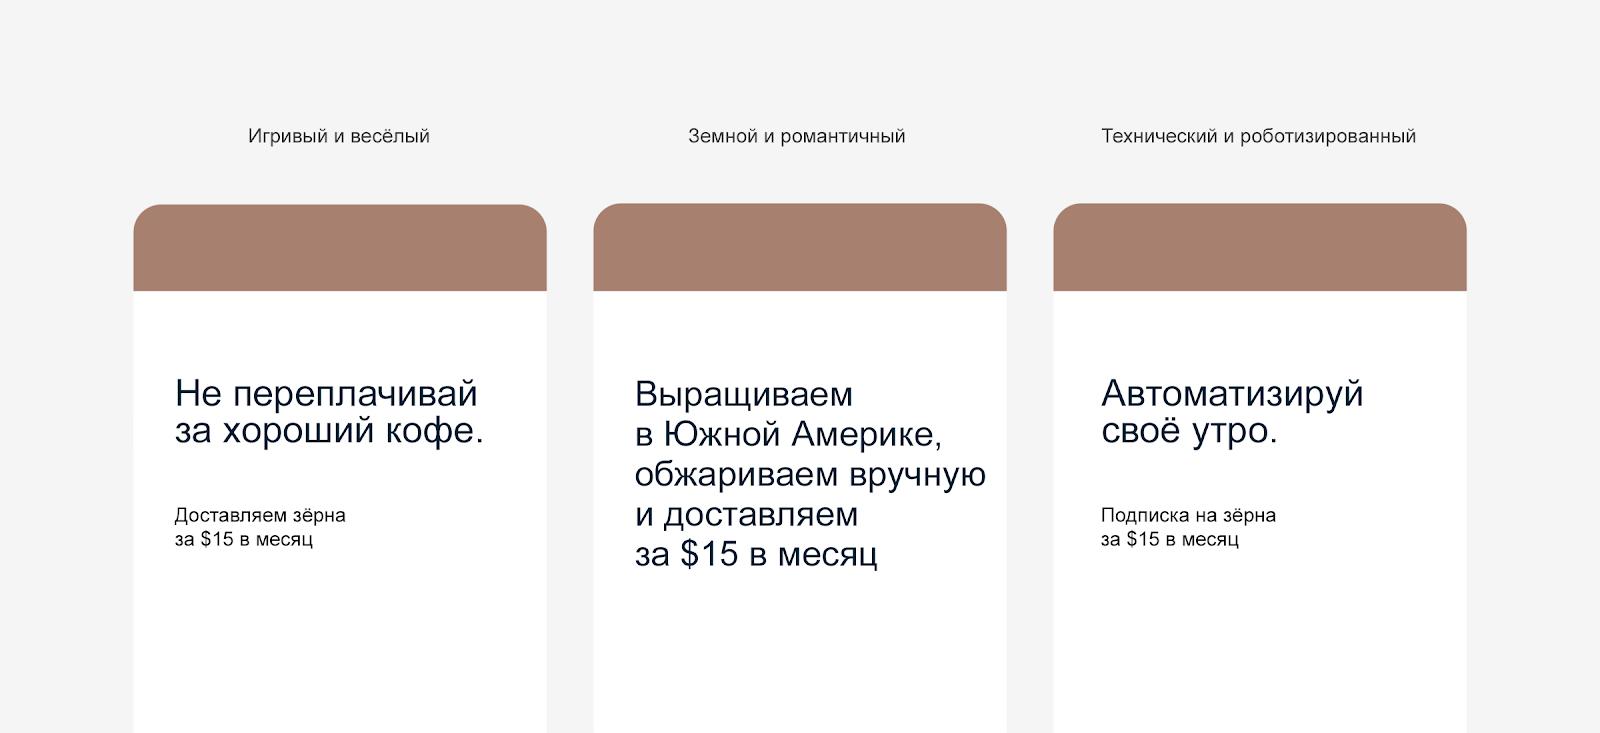 Услуга подписки на кофе преподносится разным способом в зависимости от того, как бренд позиционирует себя